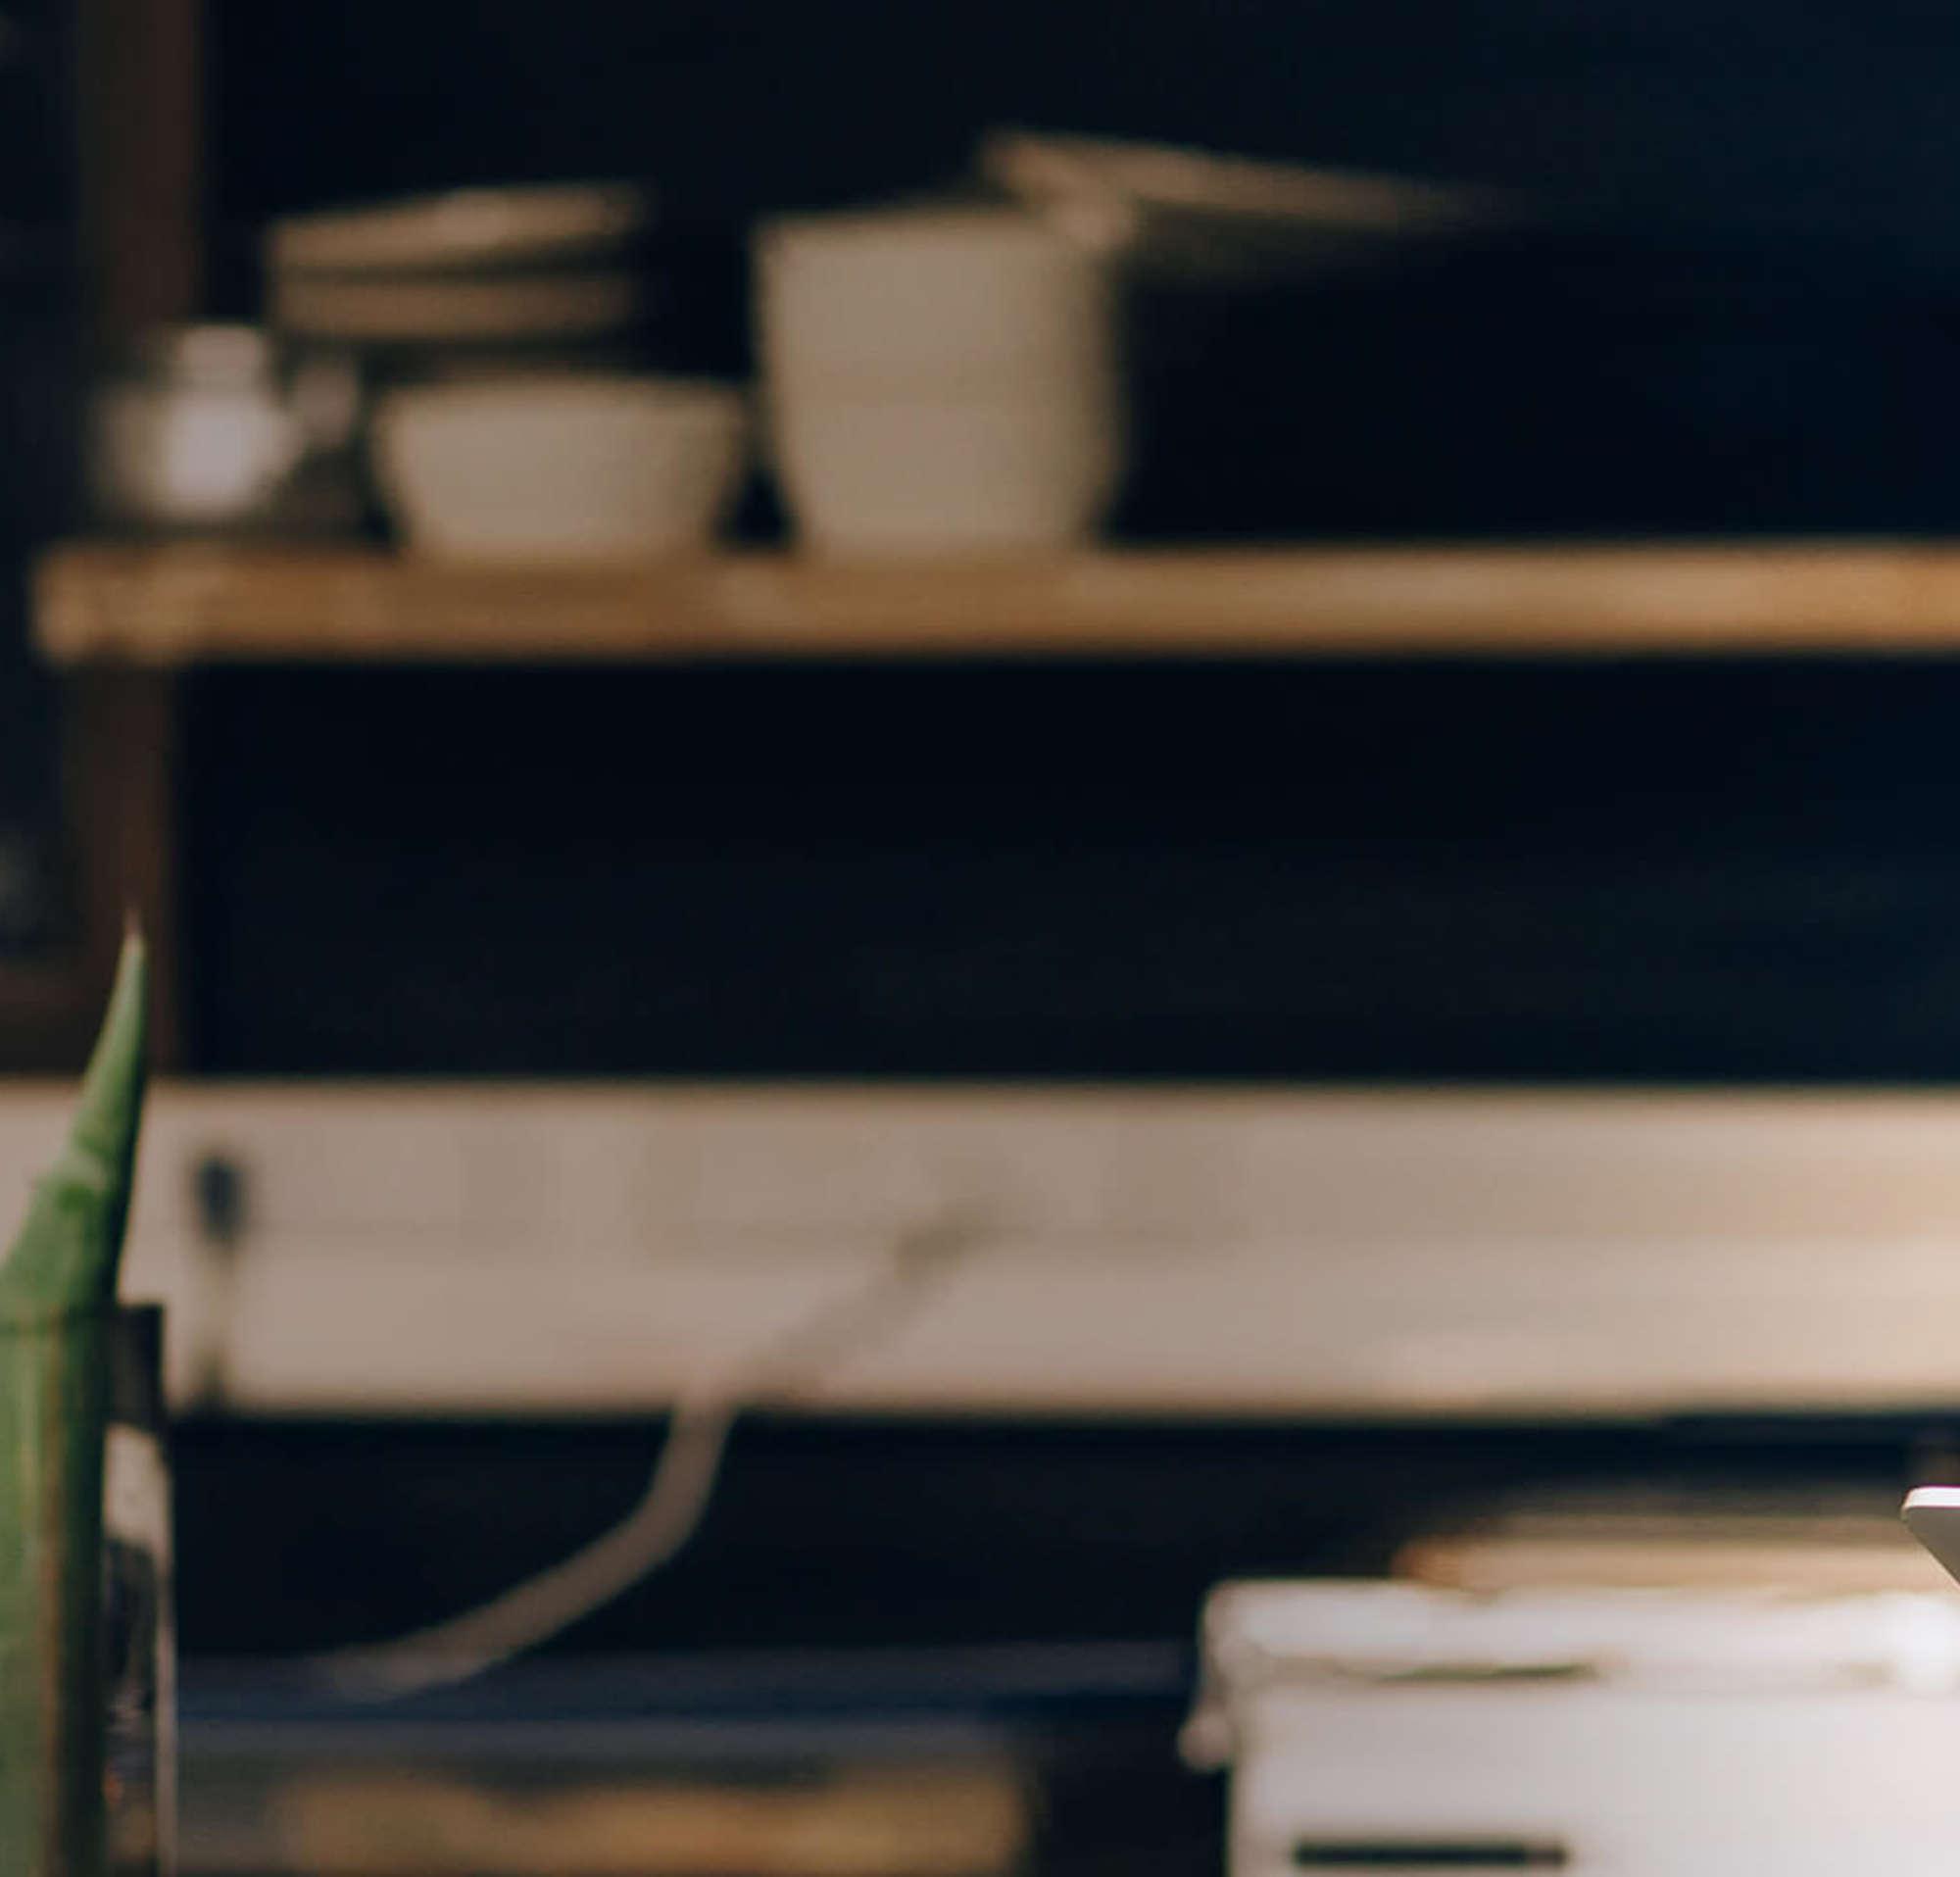 Una mujer en la cocina de un restaurante, mirando una tableta